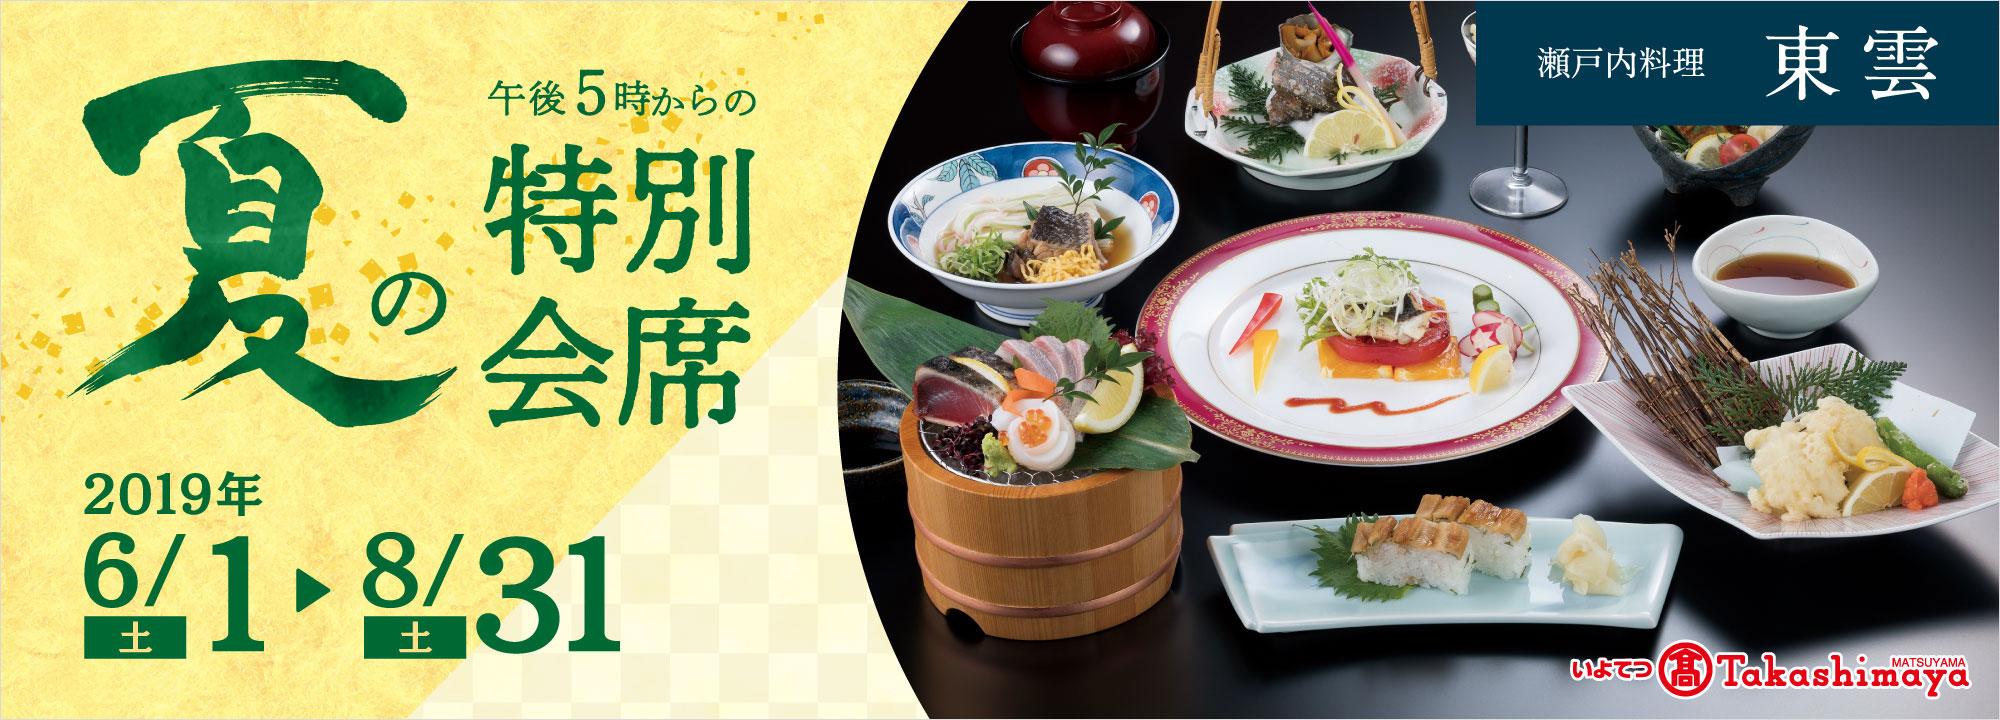 瀬戸内料理東雲 夏の特別会席